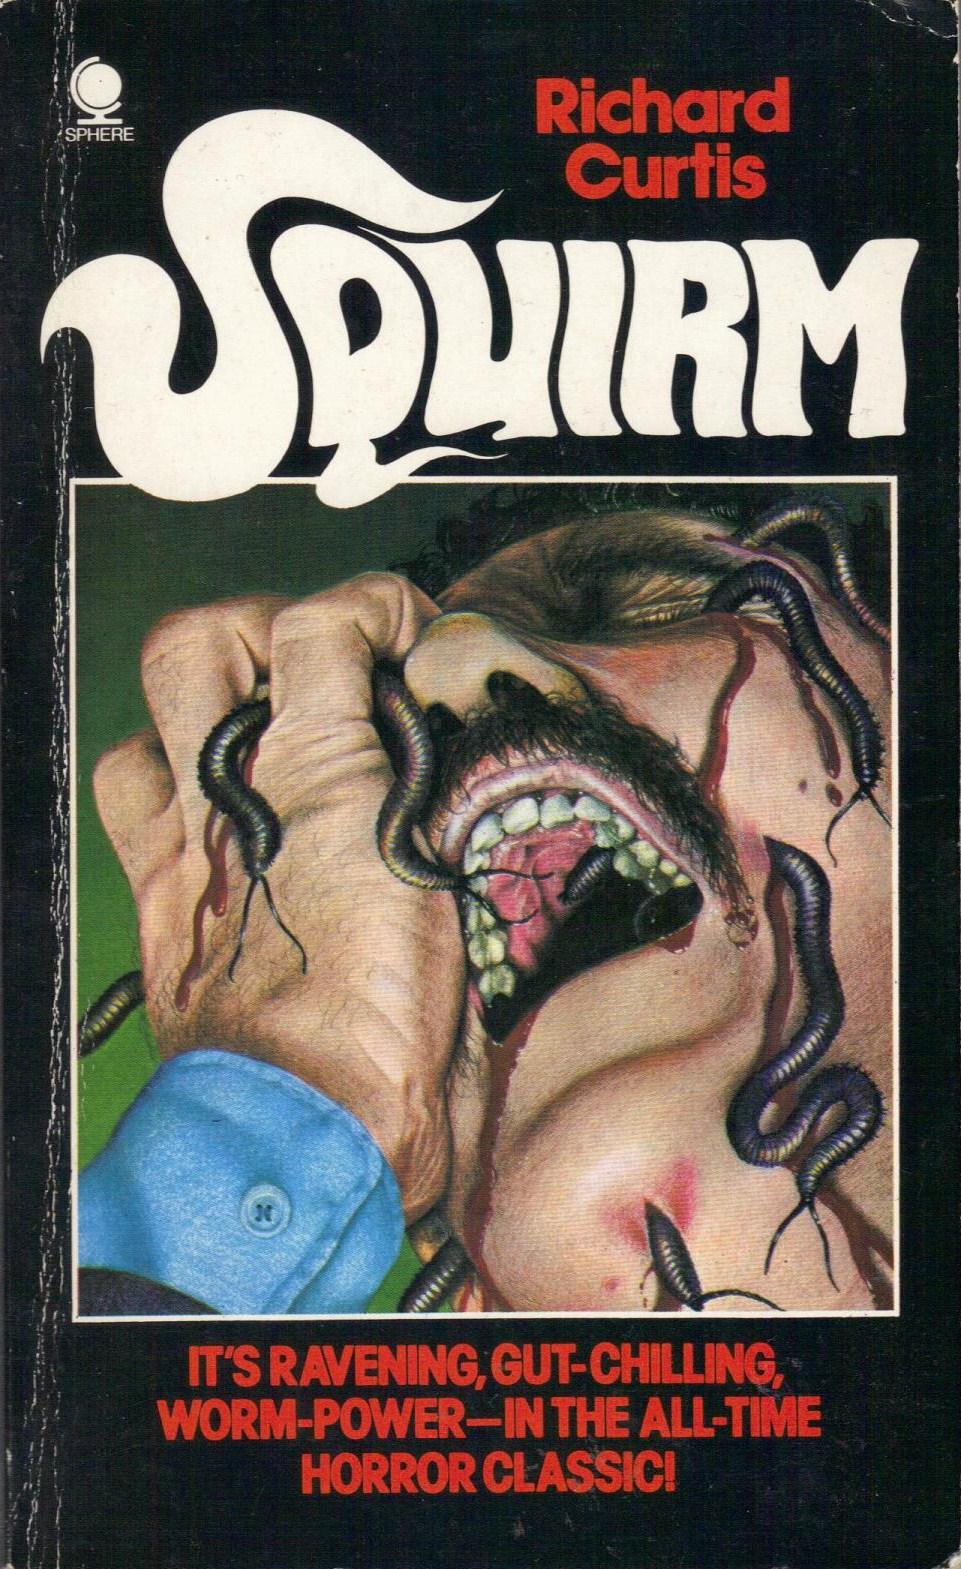 http://3.bp.blogspot.com/-OrkkeOnlPYA/Uh-v2ncsQMI/AAAAAAAAKWY/pONJXlidxt4/s0/Squirm,+Oct+1978,+Richard+Curtis,+publ.+Sphere,+0-7221-2732-4,+%C2%A3,+160pp,+pb.jpg